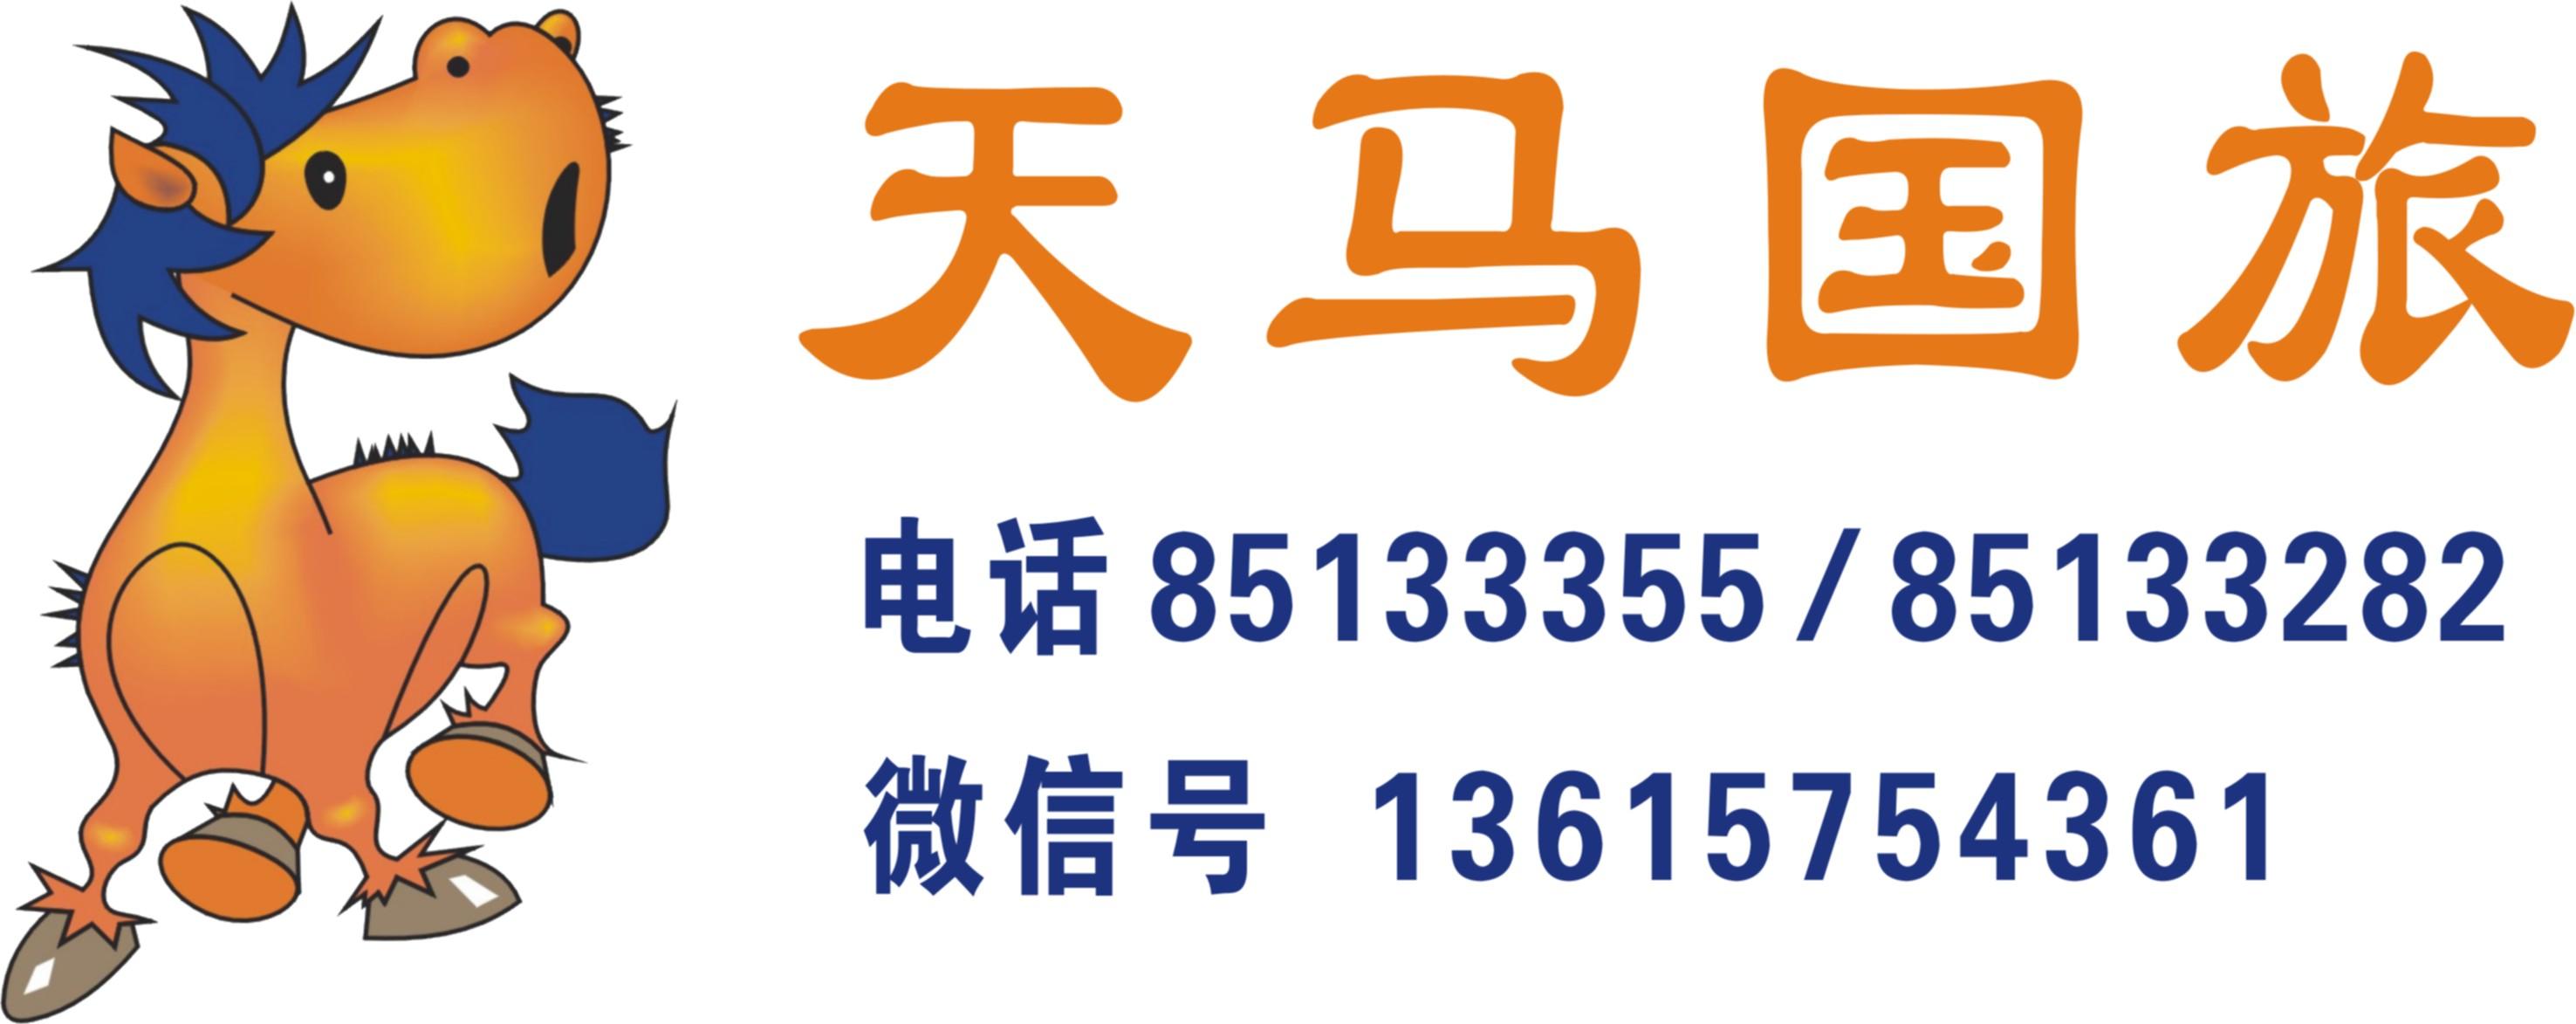 4.30【桐庐垂云通天河、森林氧吧、千岛湖中心湖区二日游】